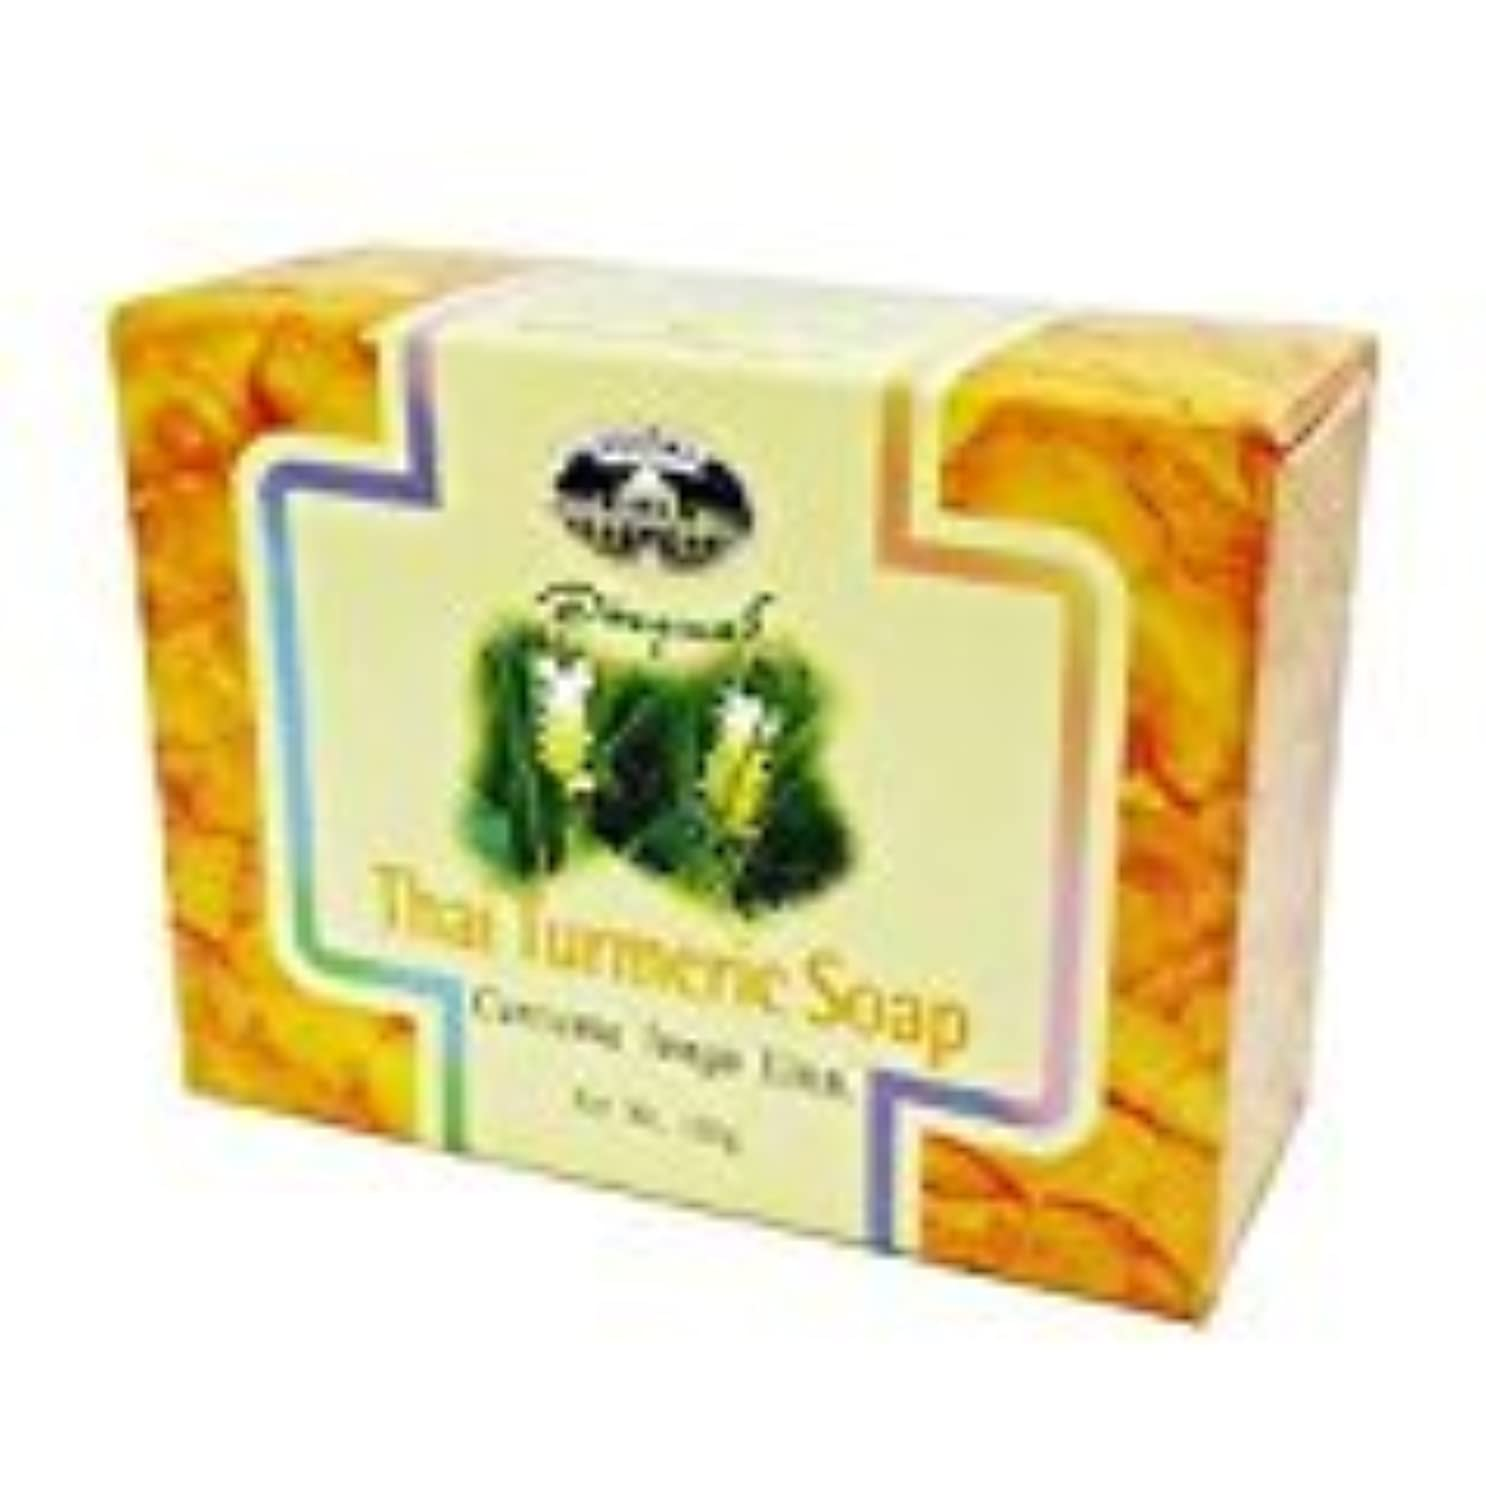 六含む約ウコン石けん abhaibhubejhr Turmeric soap 100g